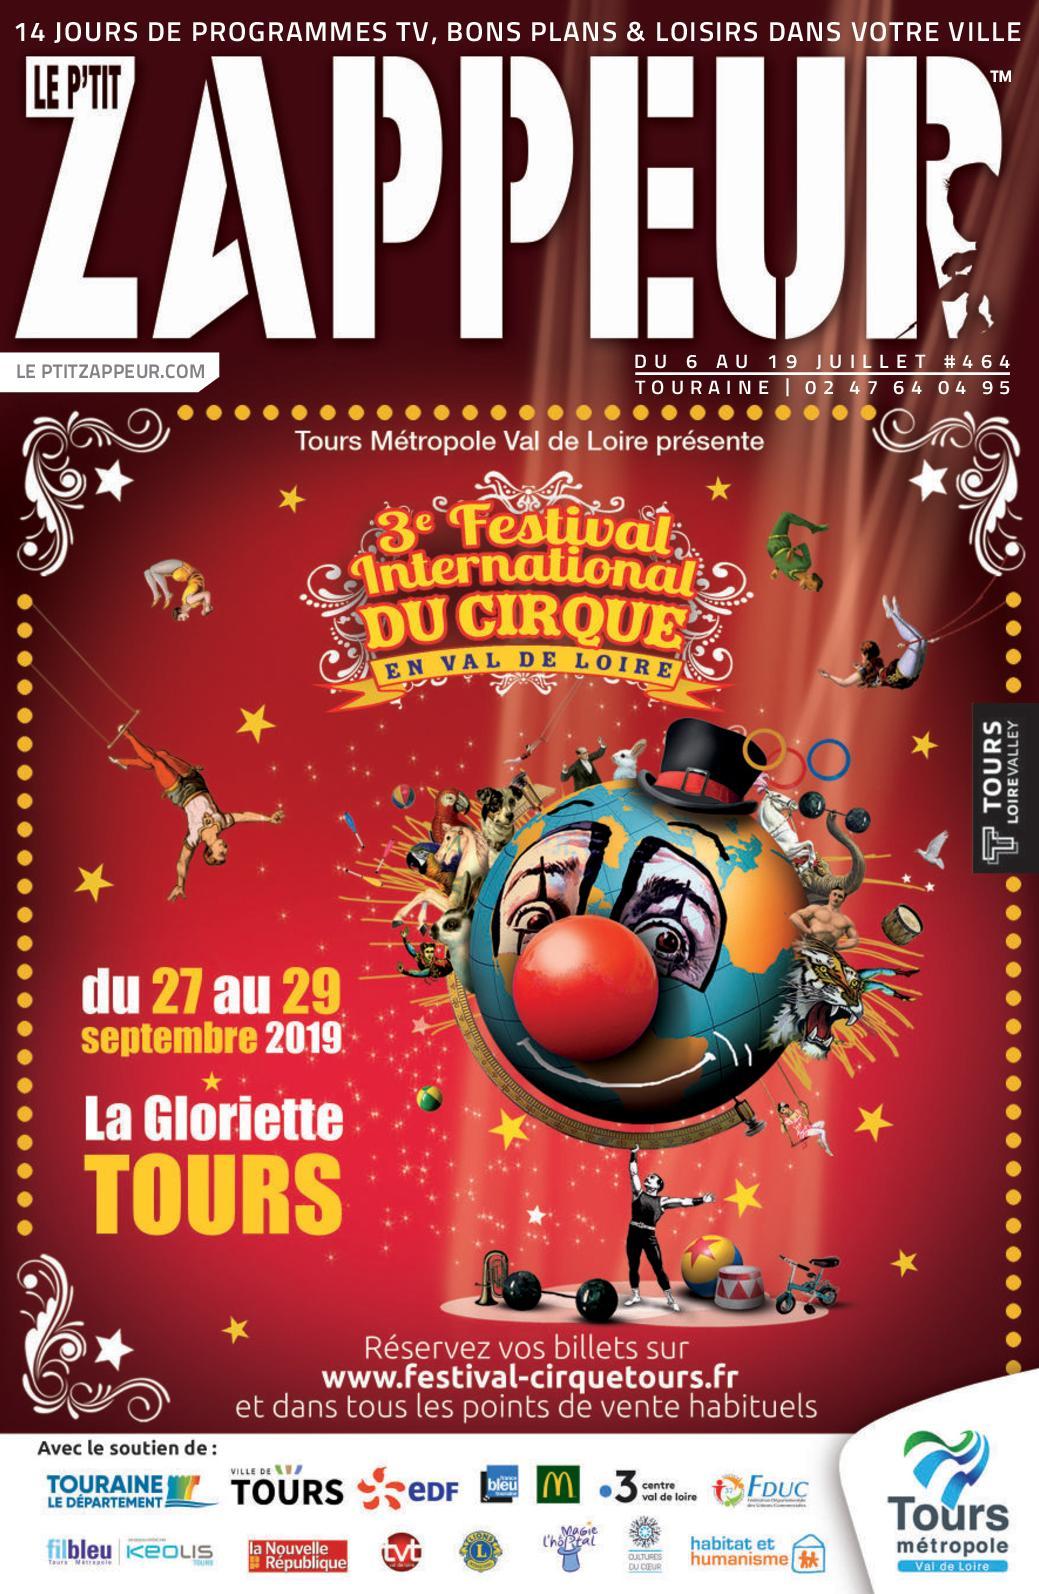 Calaméo Le Ptit Zappeur Tours 464